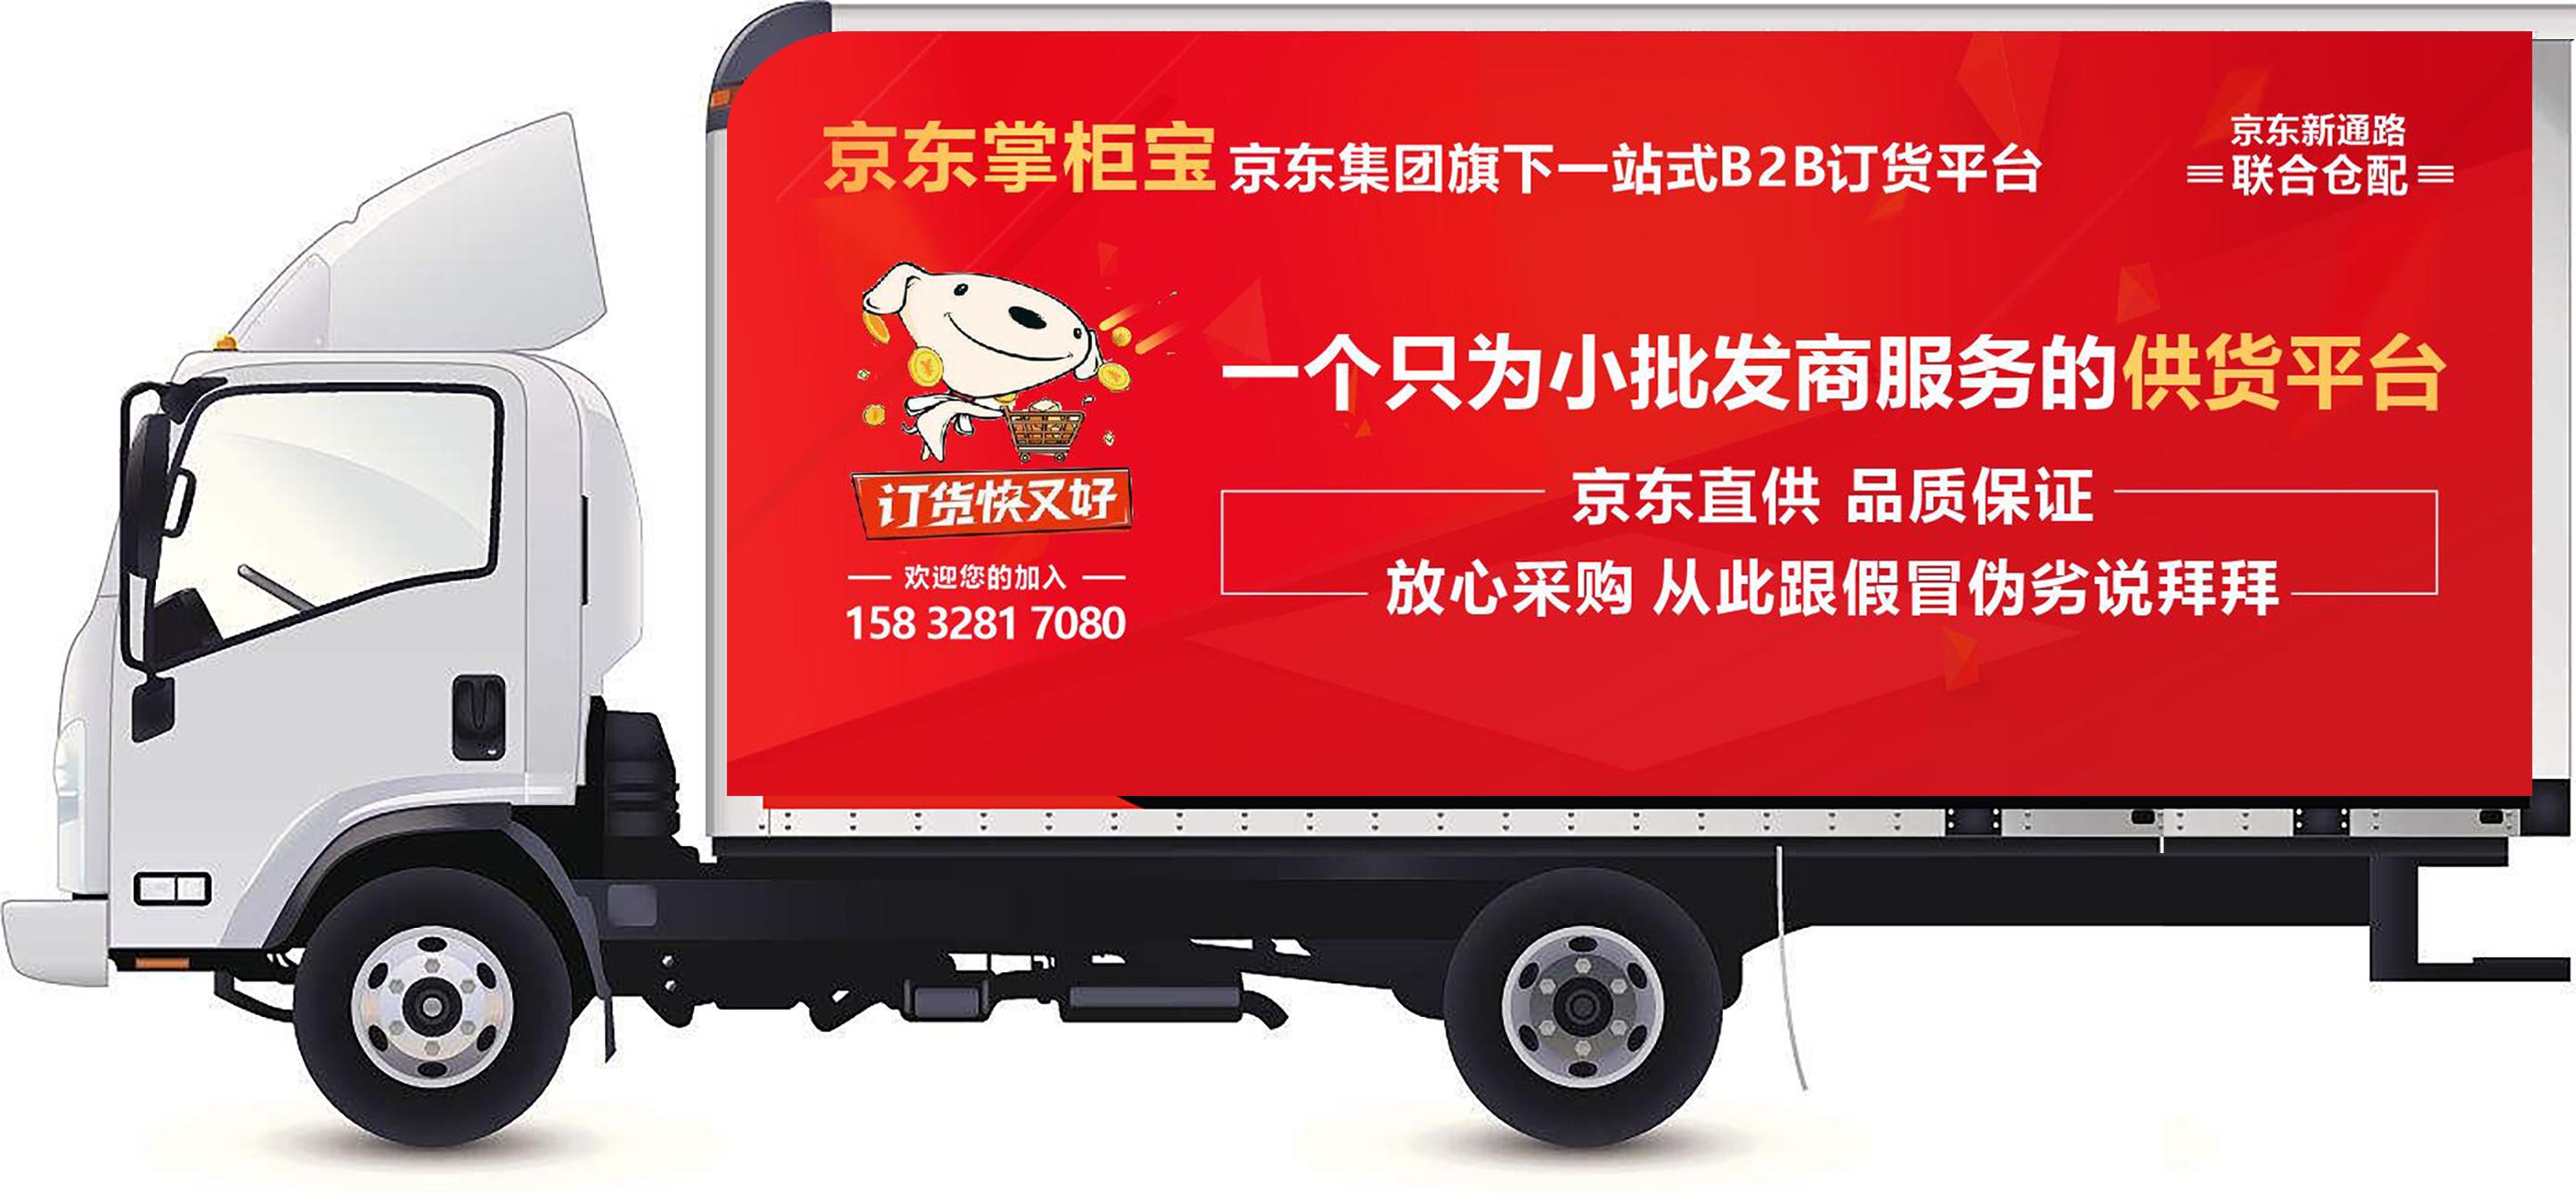 京东掌柜宝(京东新通路)车体广告_3029678_k68威客网